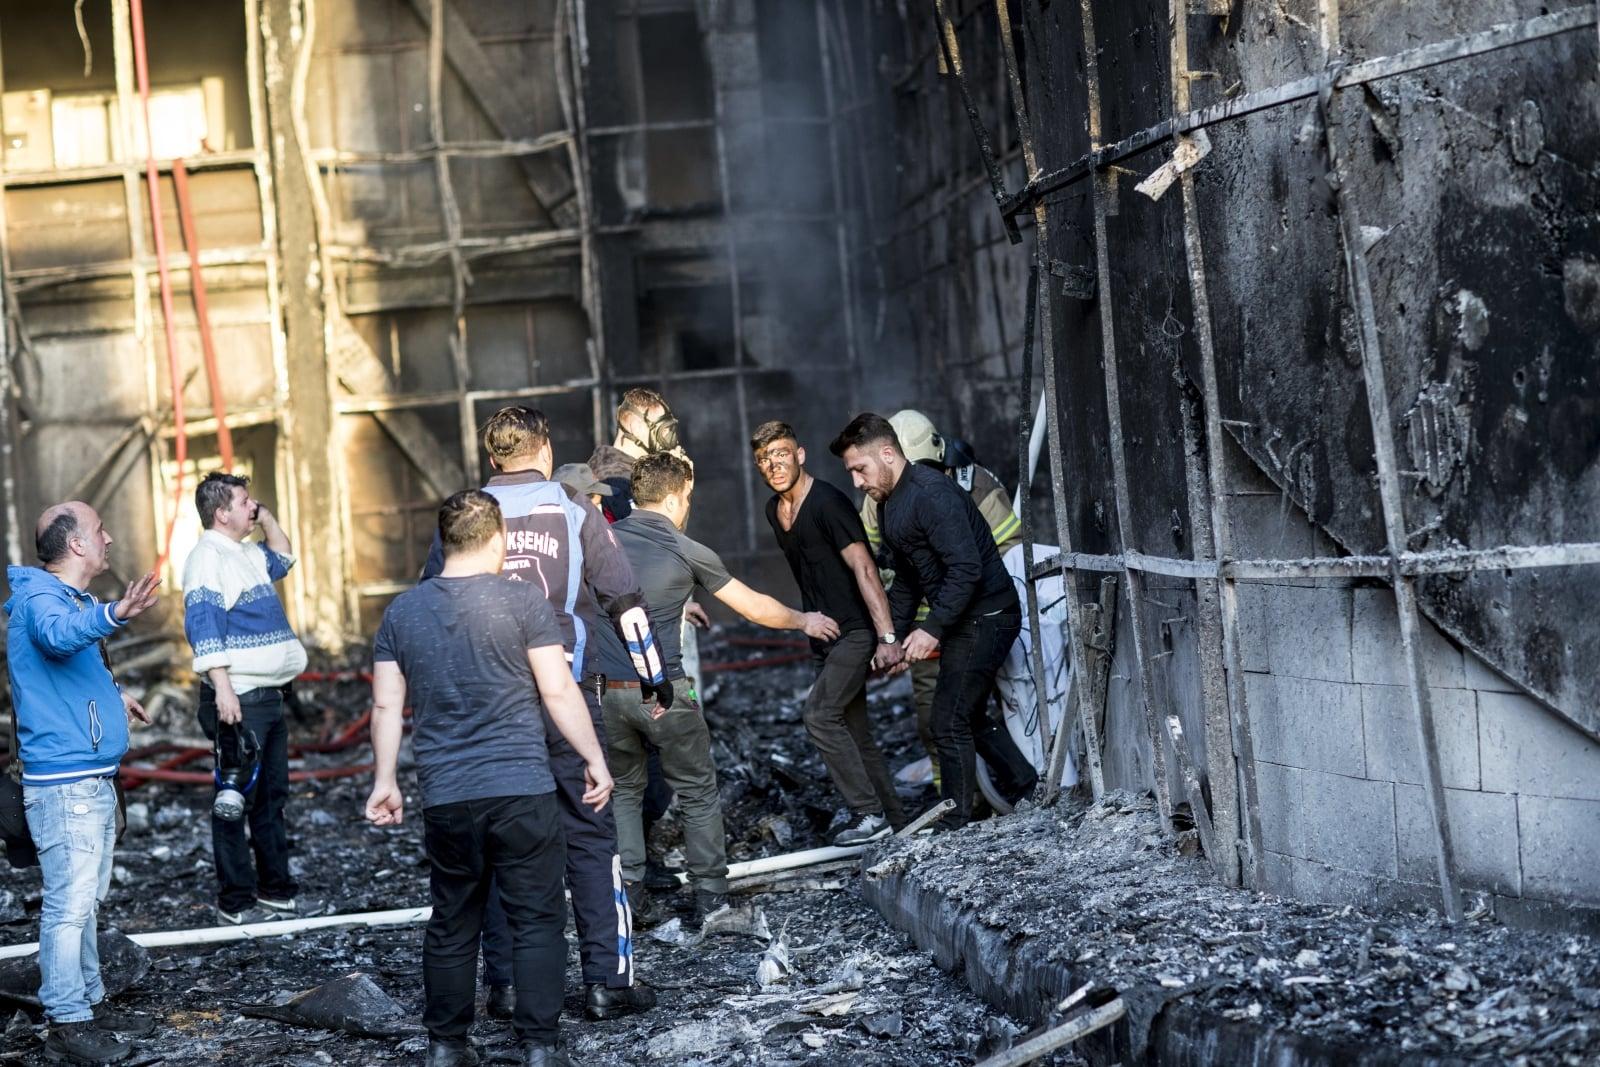 Pożar szpitala w Turcji.  EPA/SEDAT SUNA